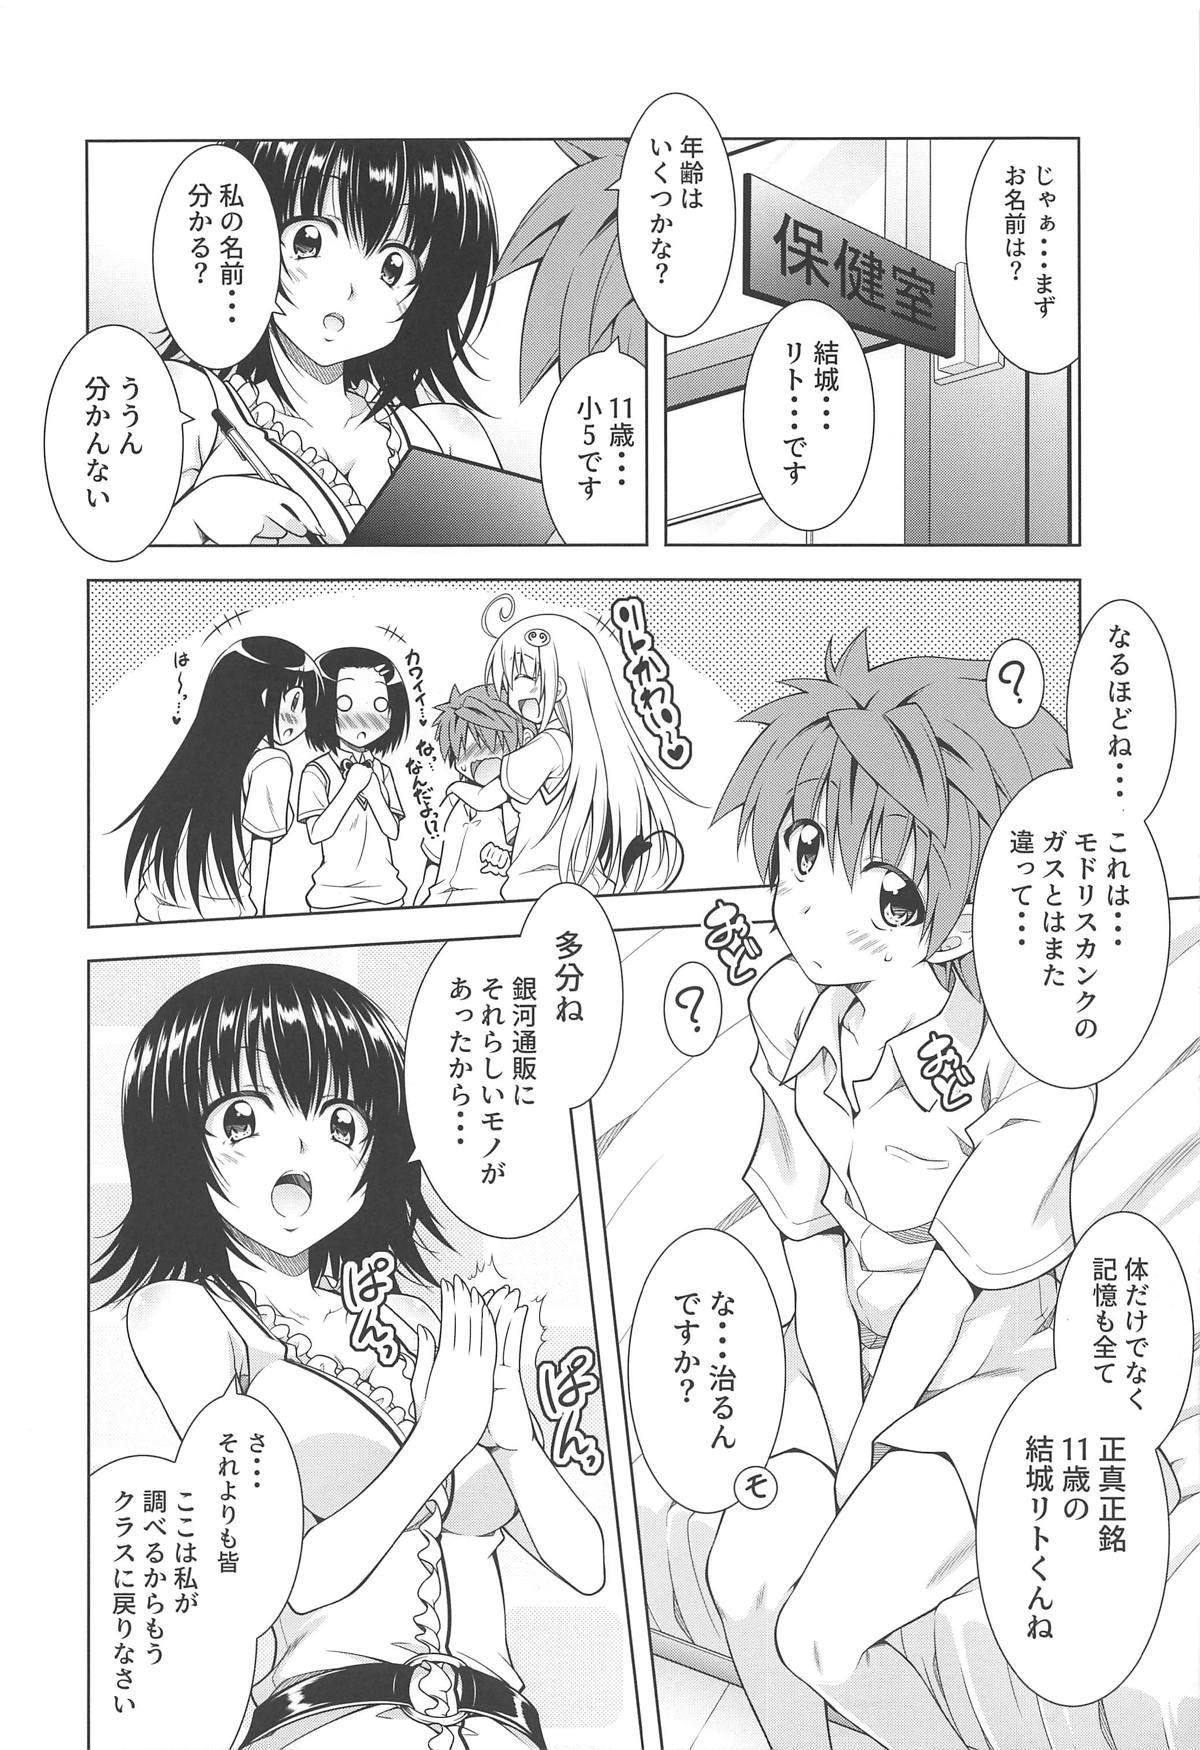 Rito-san no Harem Seikatsu 7 3